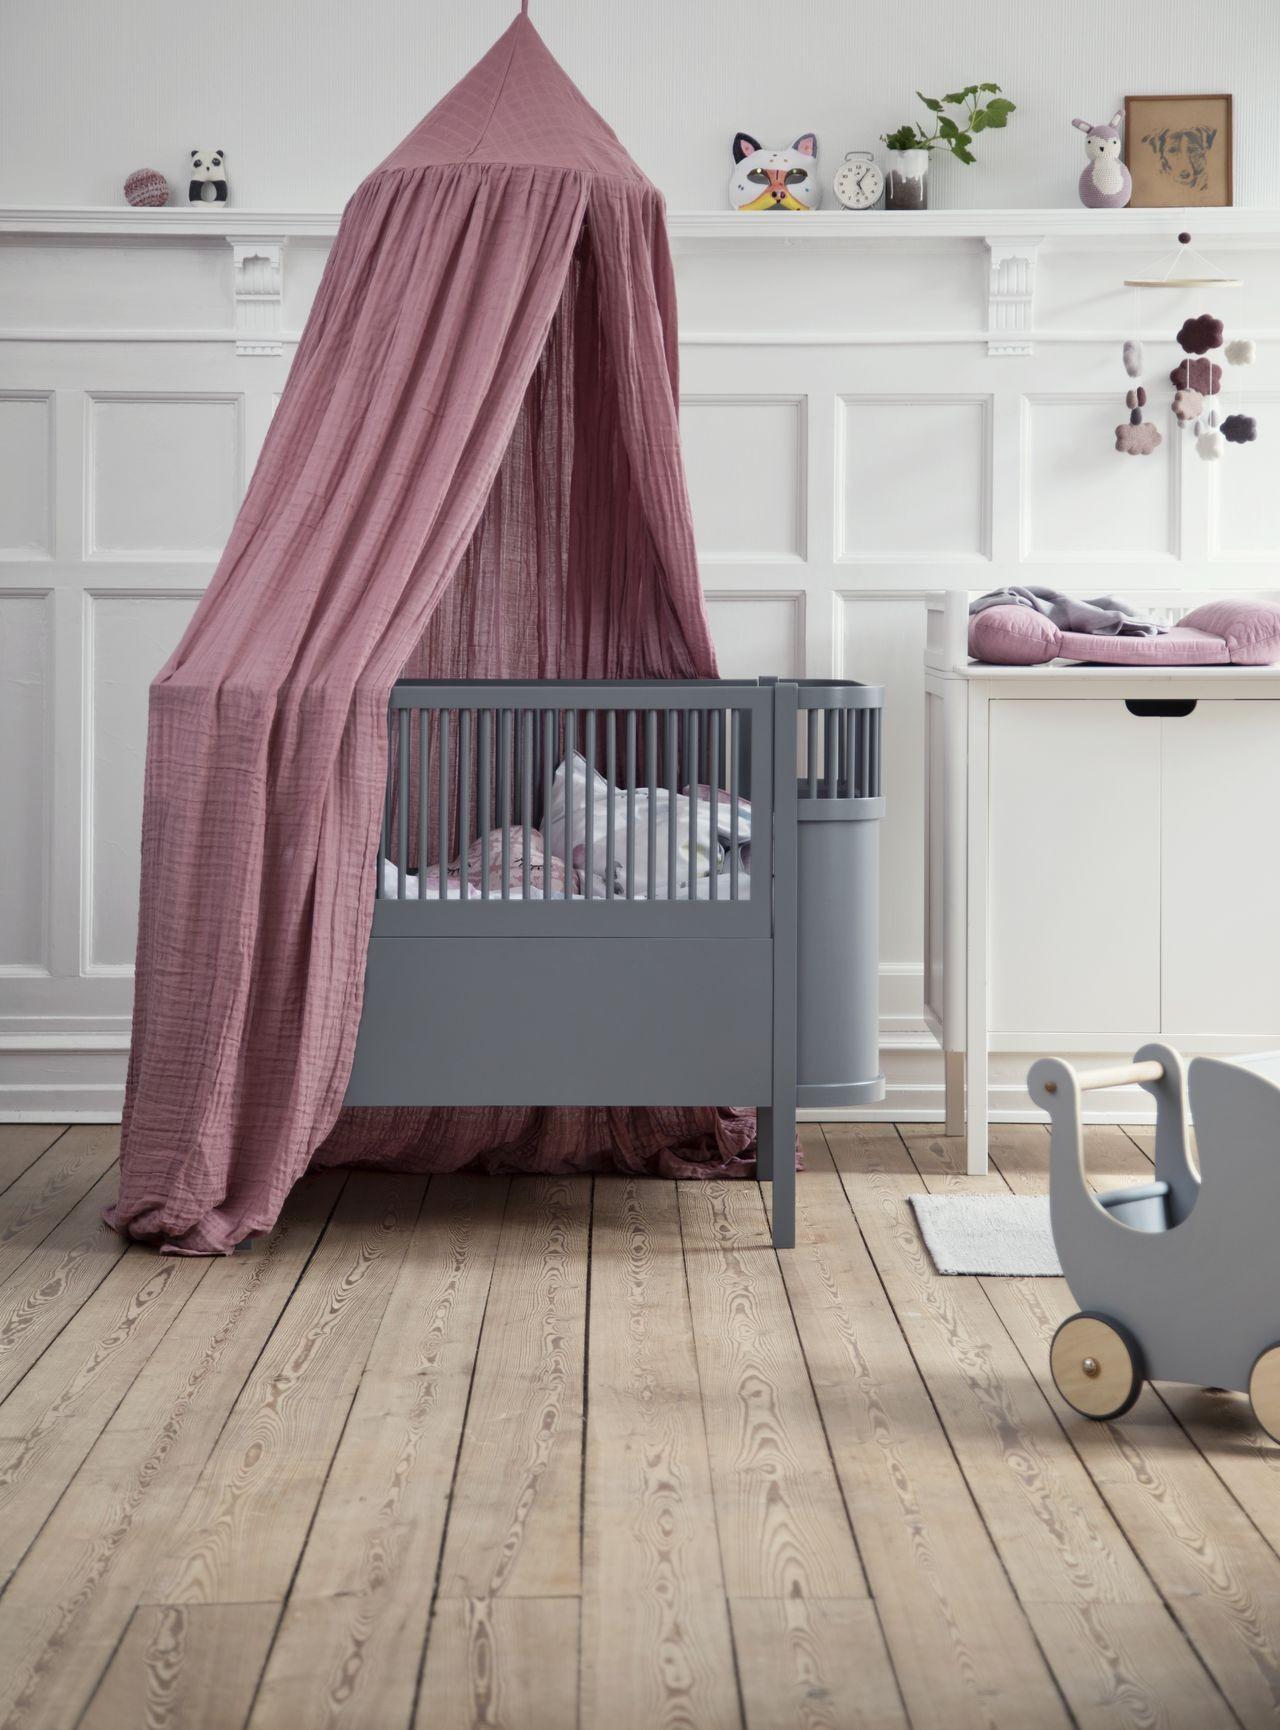 Full Size of Coole Kinderbetten Babybett Im Skandinavischen Design Online Kaufen Kleine Fabriek Betten T Shirt Sprüche T Shirt Wohnzimmer Coole Kinderbetten